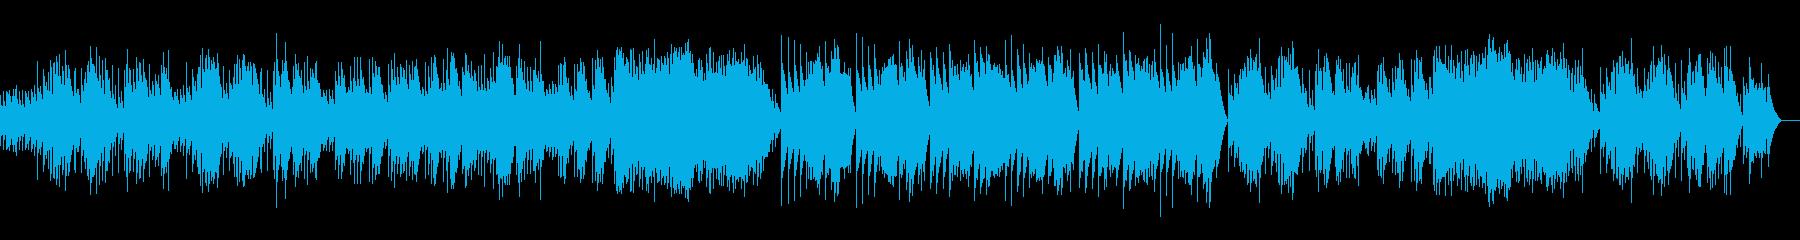 アルルの女 メヌエット (オルゴール)の再生済みの波形